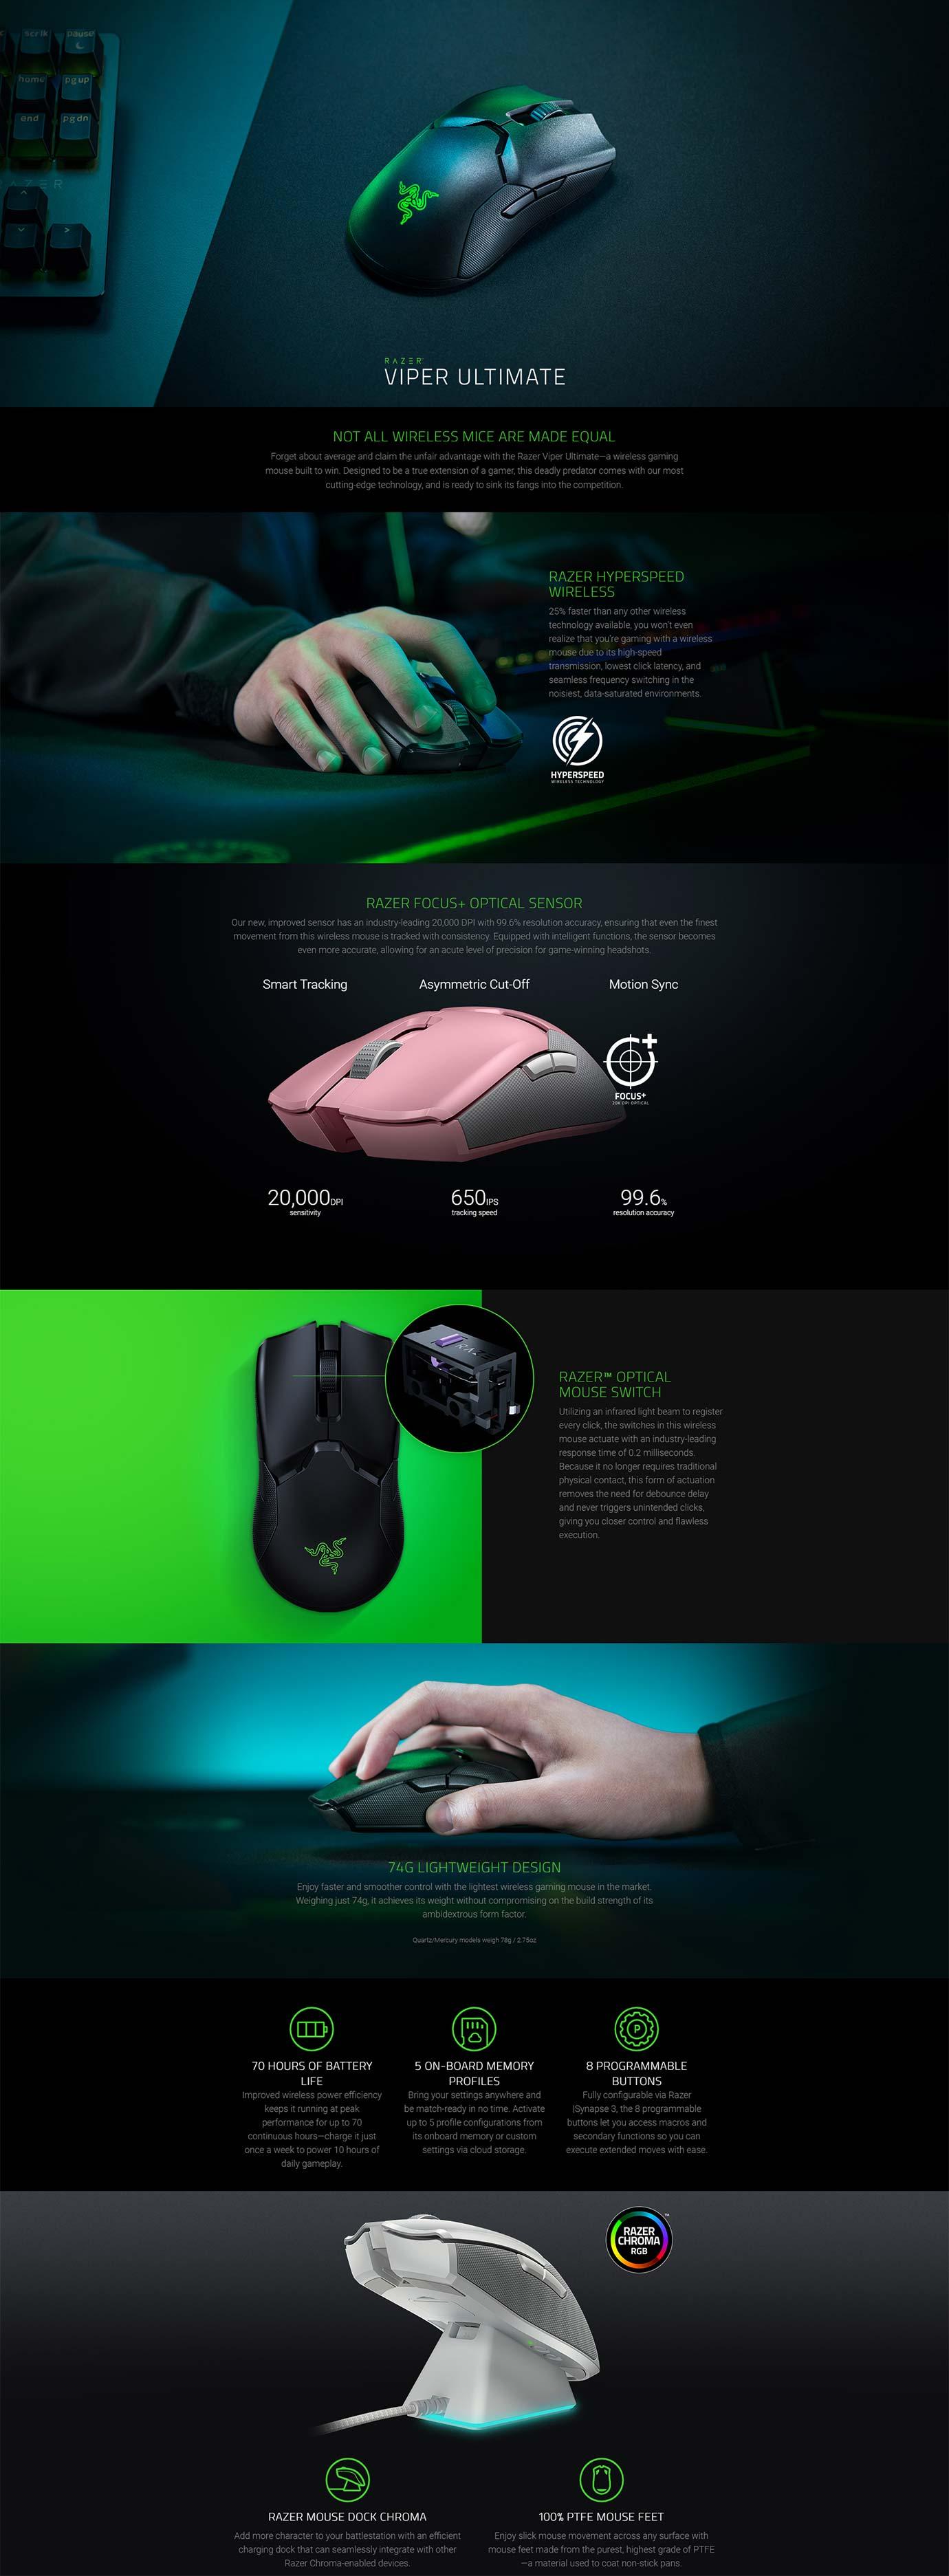 Razer Viper Ultimate Mouse